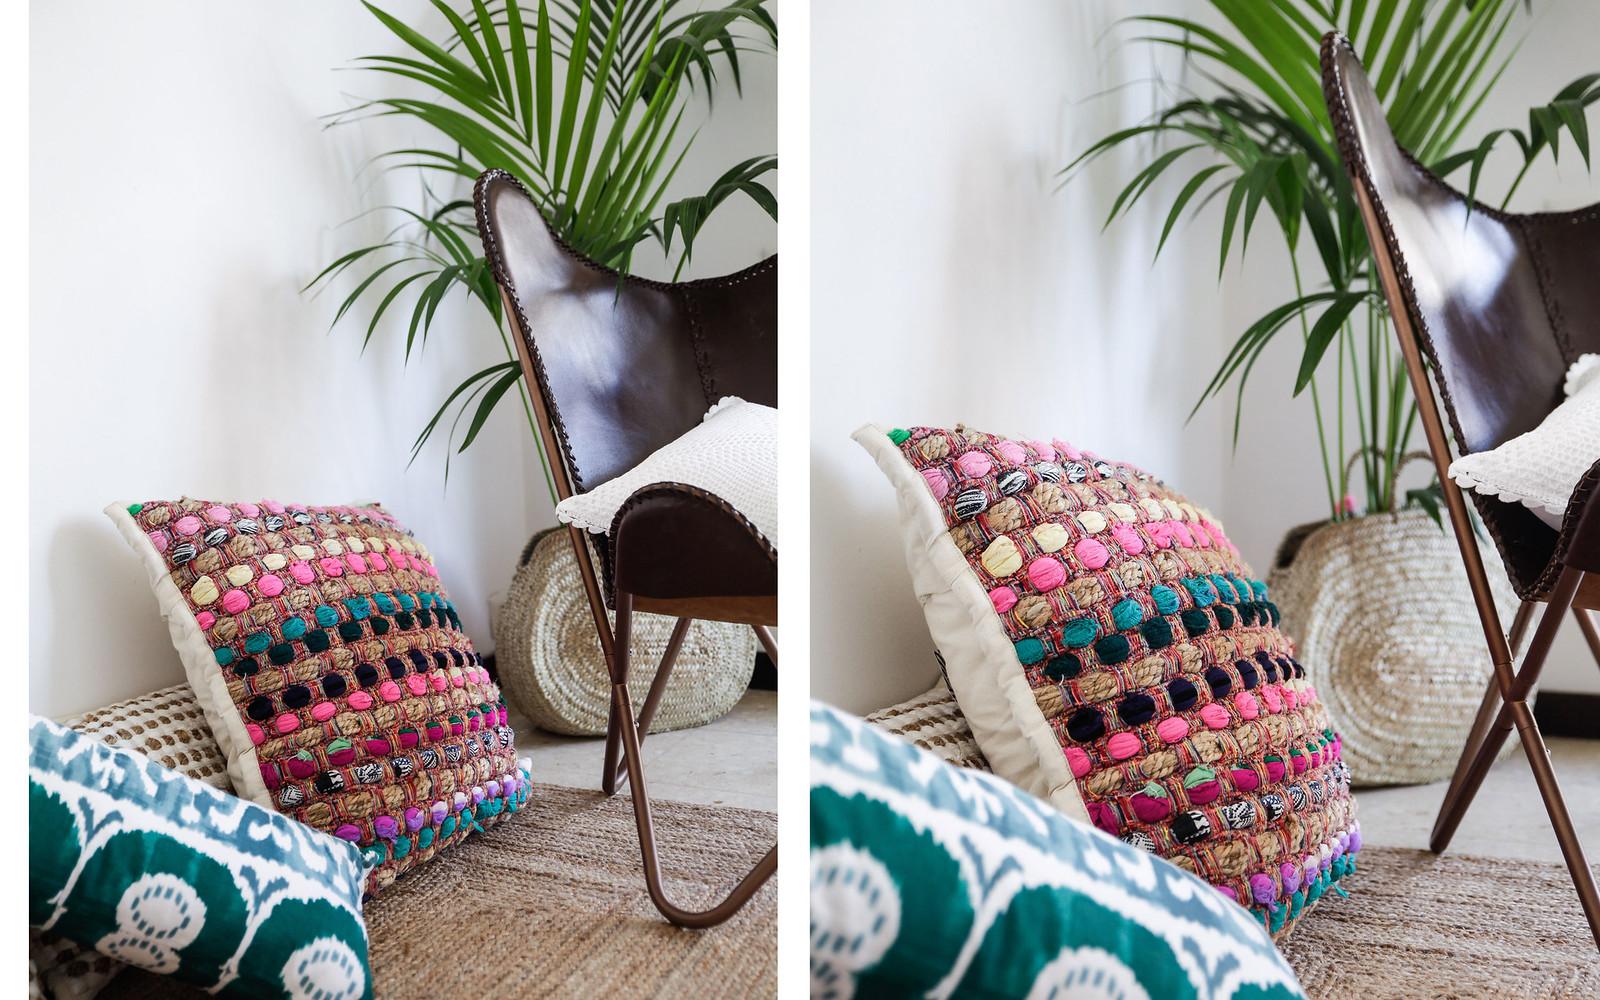 06_calma_house_ideas_decoracion_casa_cojines_bonitos_barcelona_boho_deco_theguestgirl_house_aloha_style_palmeras_casa_interior